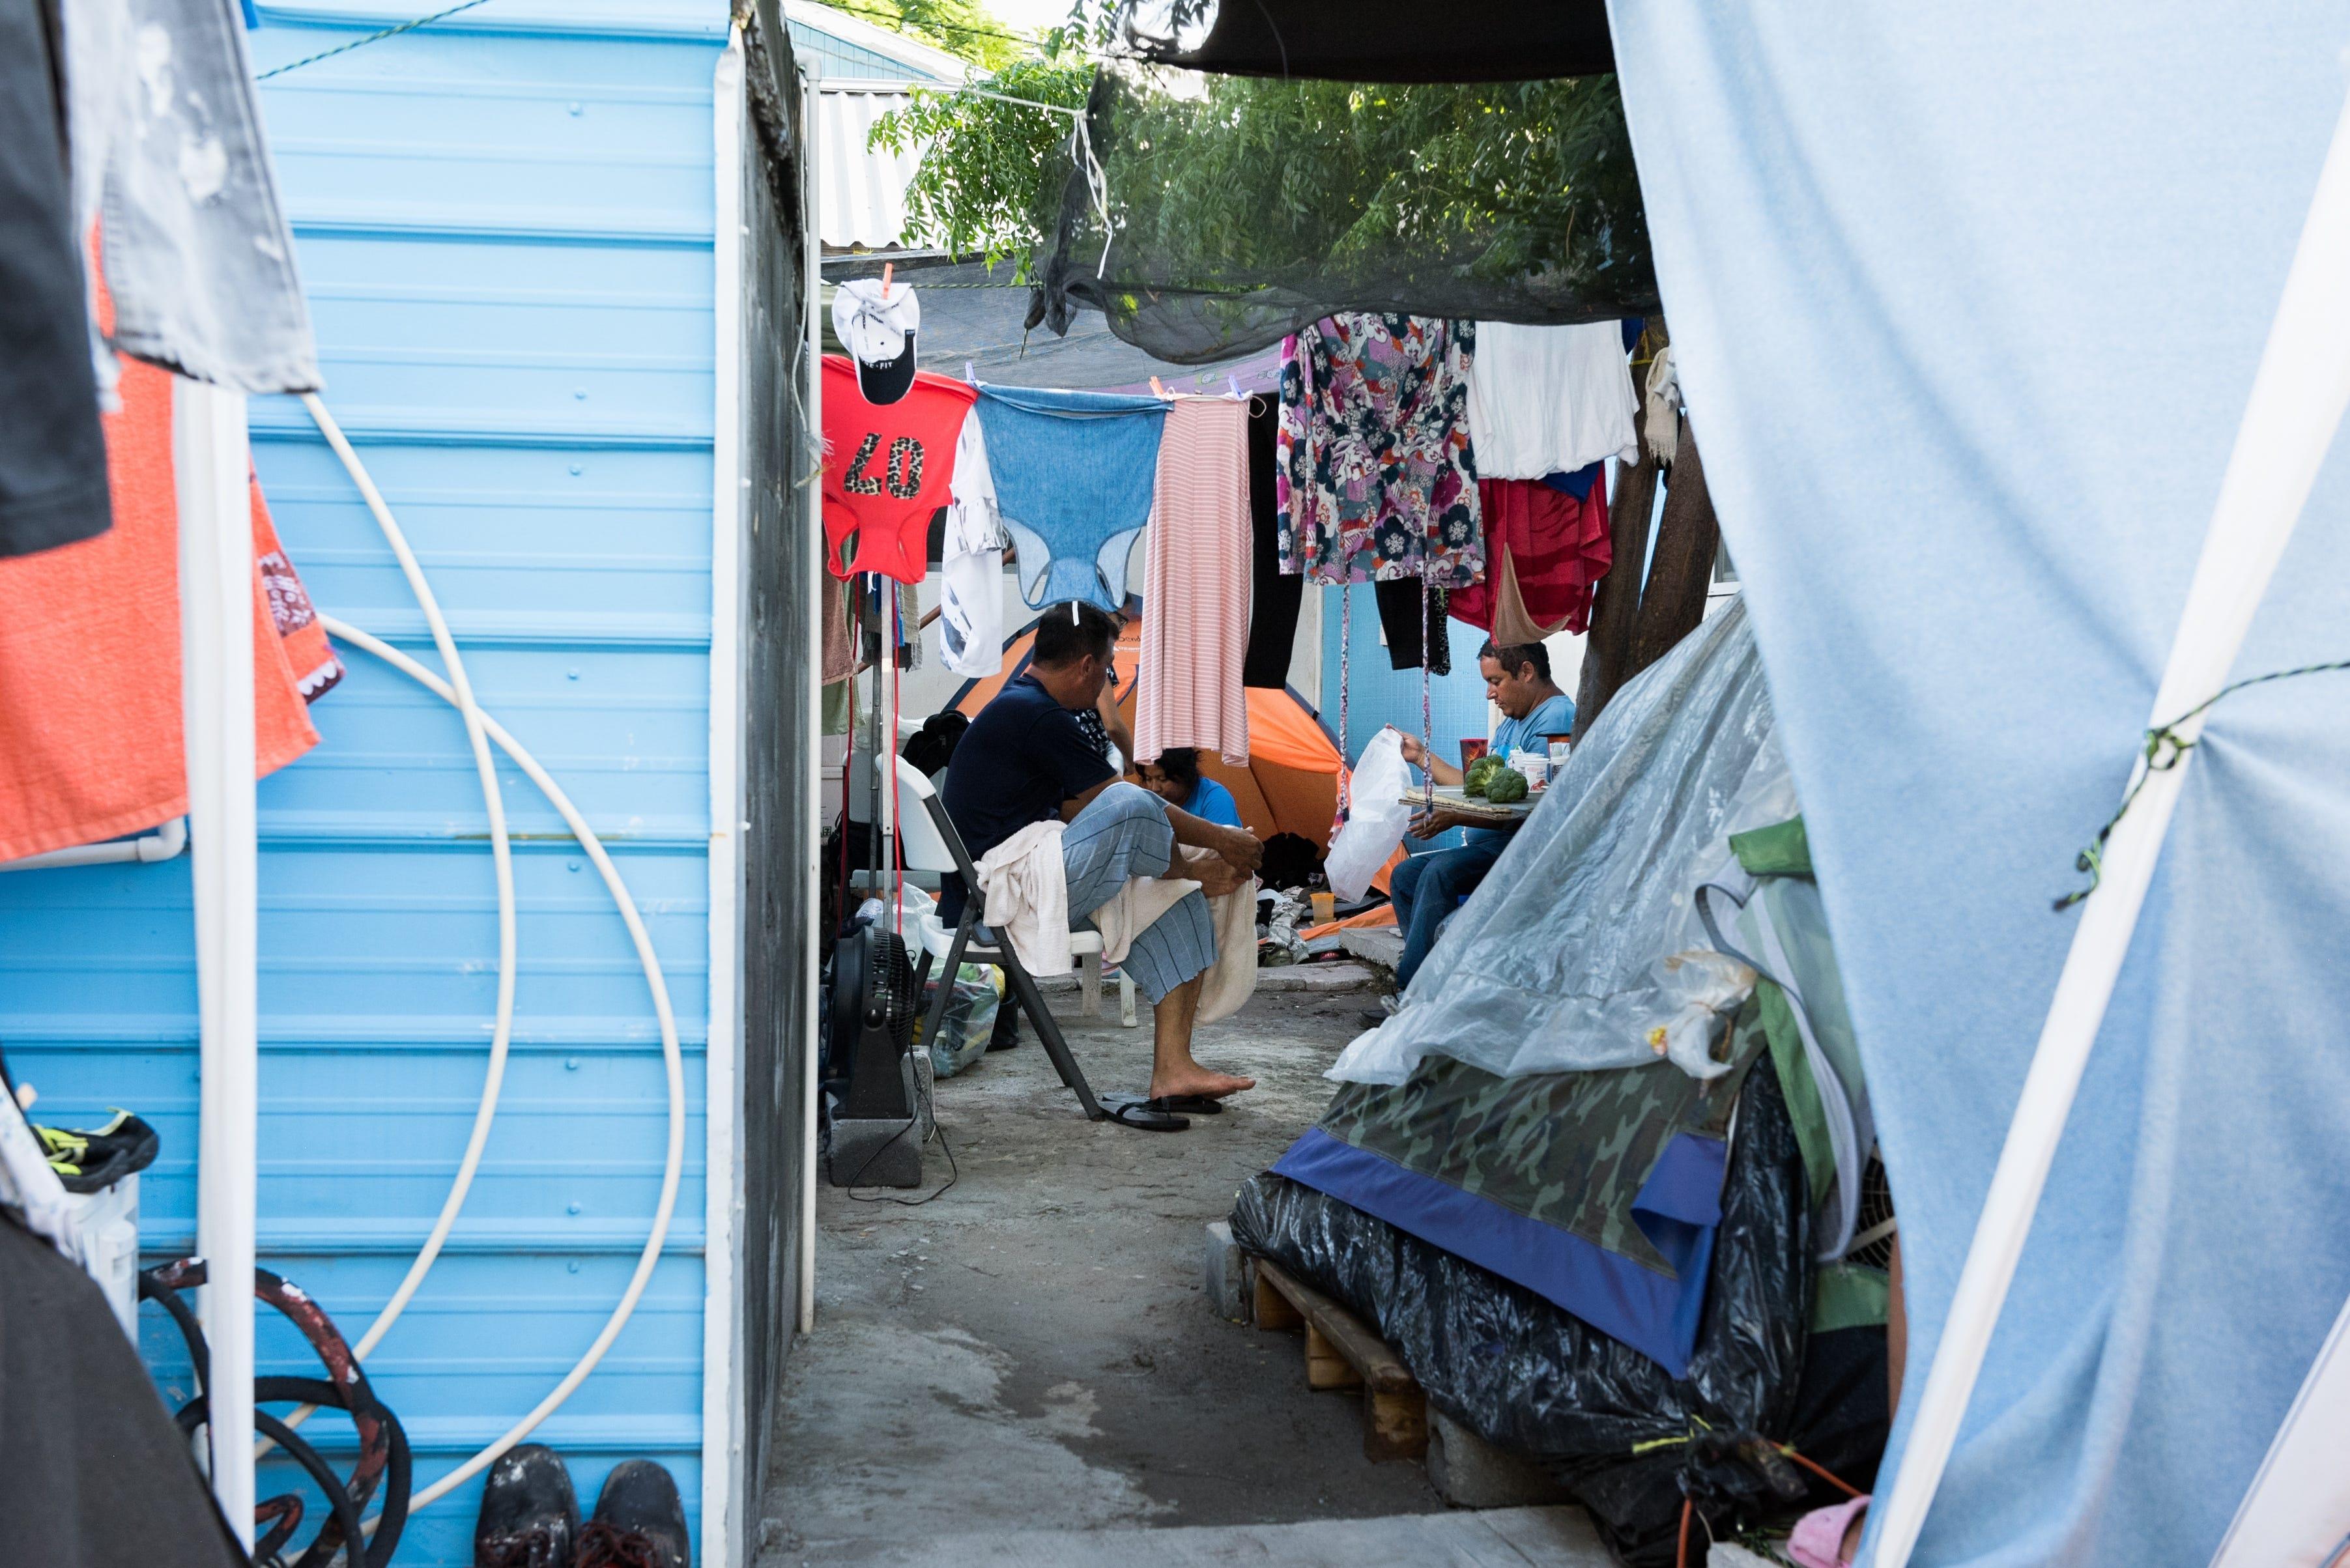 REYNOSA, México– Los residentes de Senda De Vida Casa Del Emigrante tienen que vivir en condiciones de hacinamiento mientras esperan varios meses a ser llamados por las autoridades de inmigración estadounidenses para comenzar su petición de asilo.